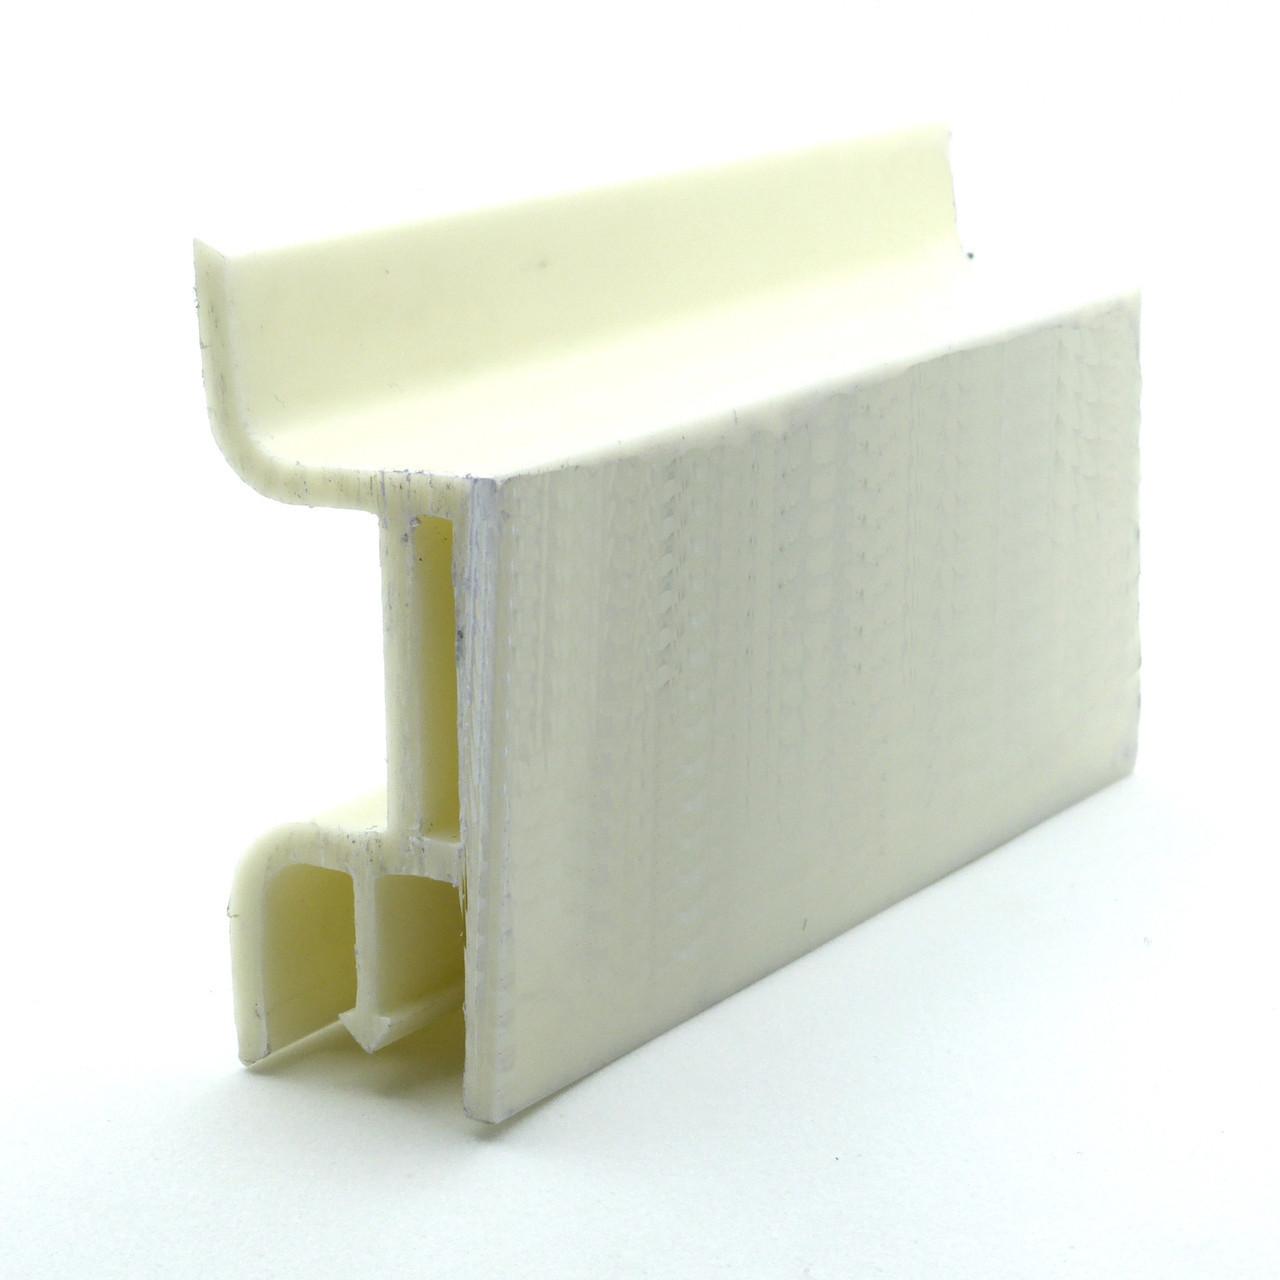 Профиль пластиковый для натяжных потолков - бесщелевой двухуровневый. Длина профиля 2,5 м.